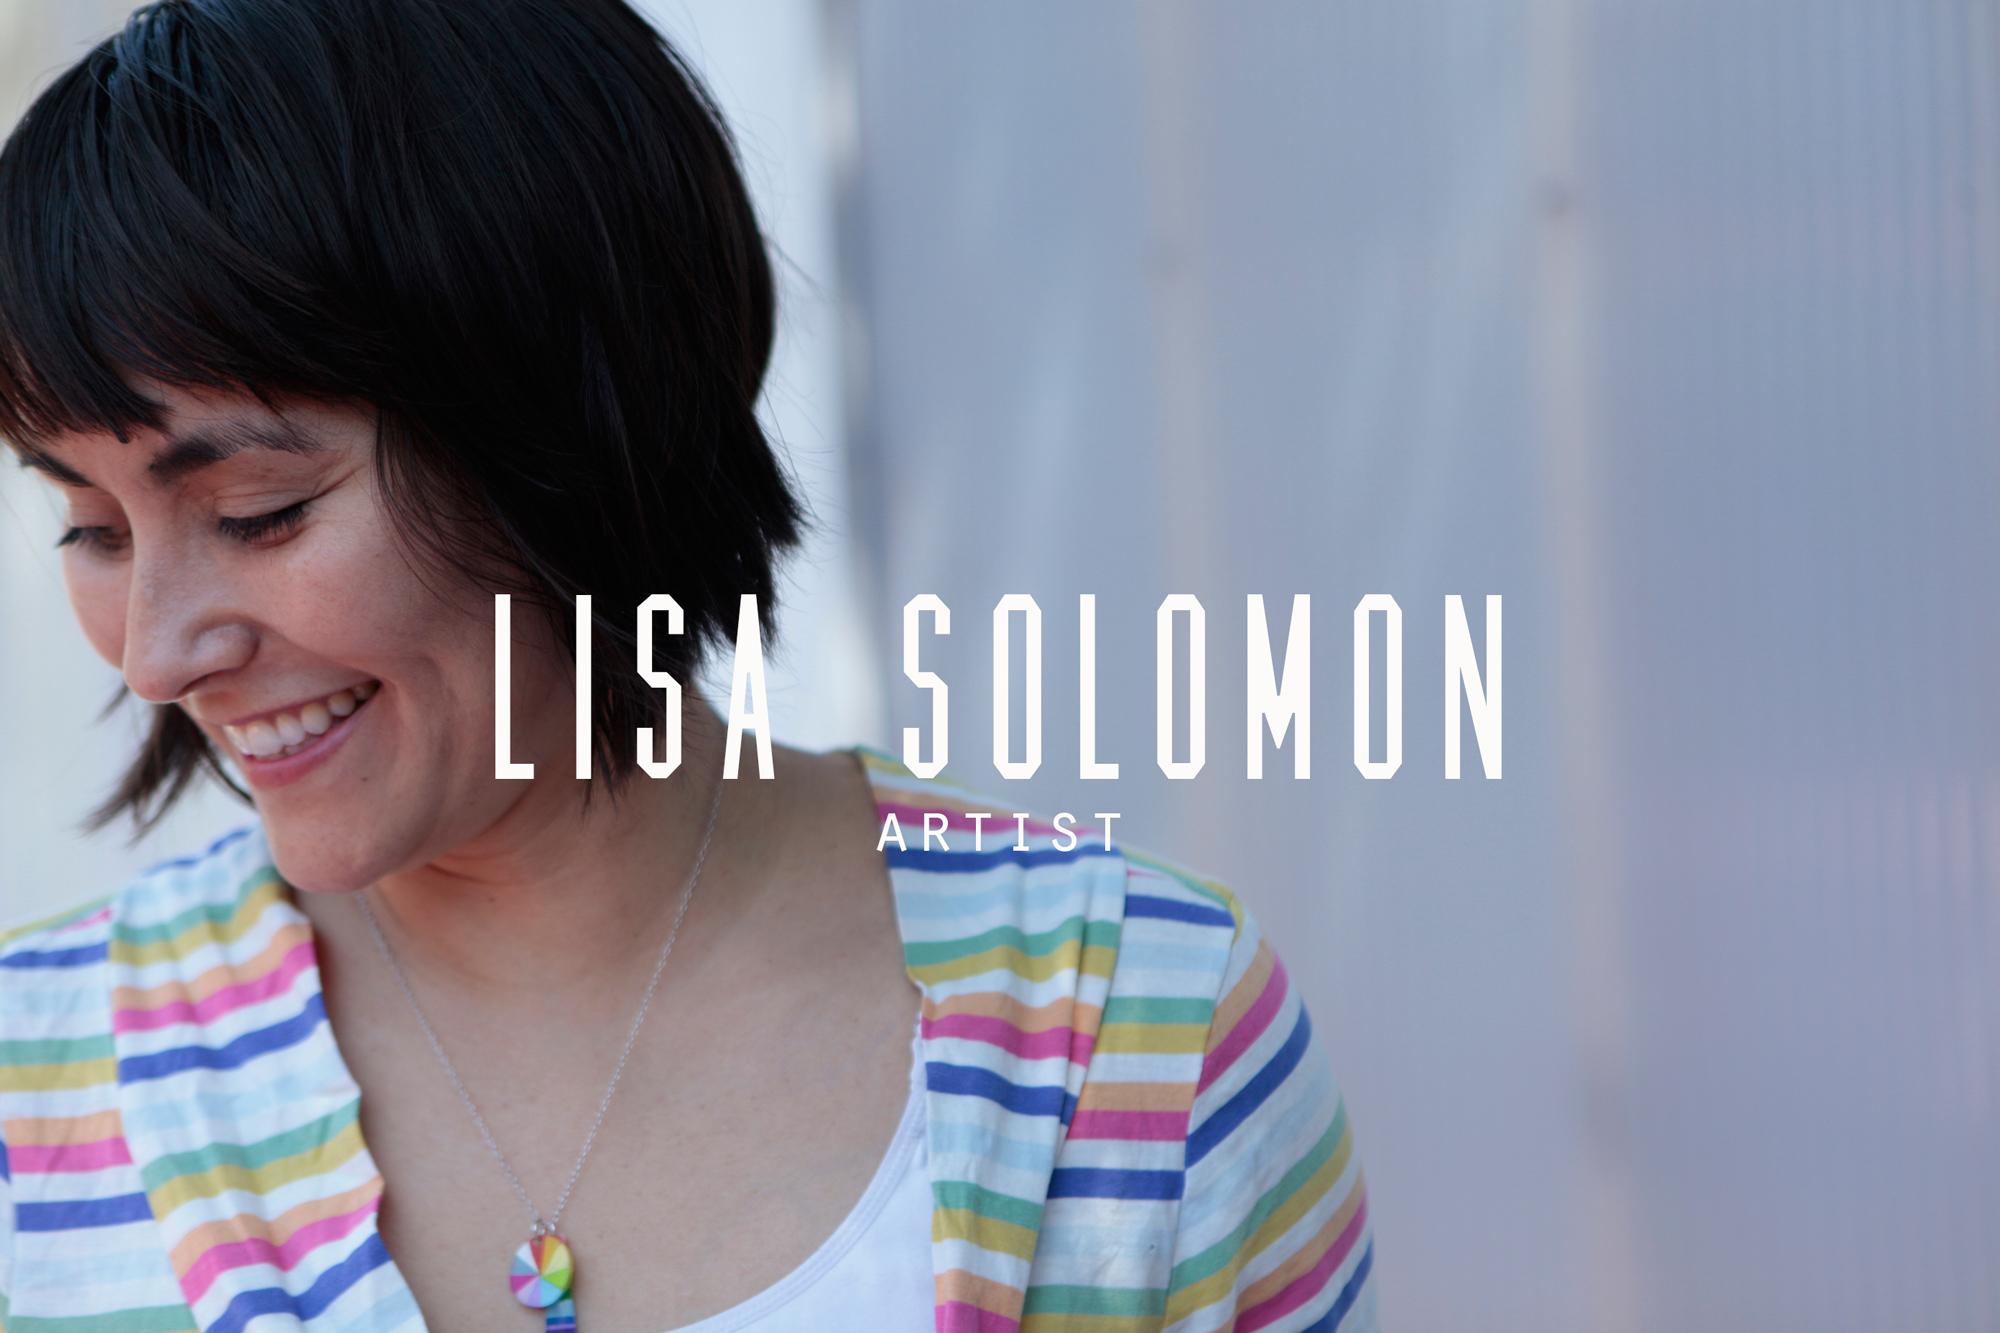 lisa-solomon_name.jpg